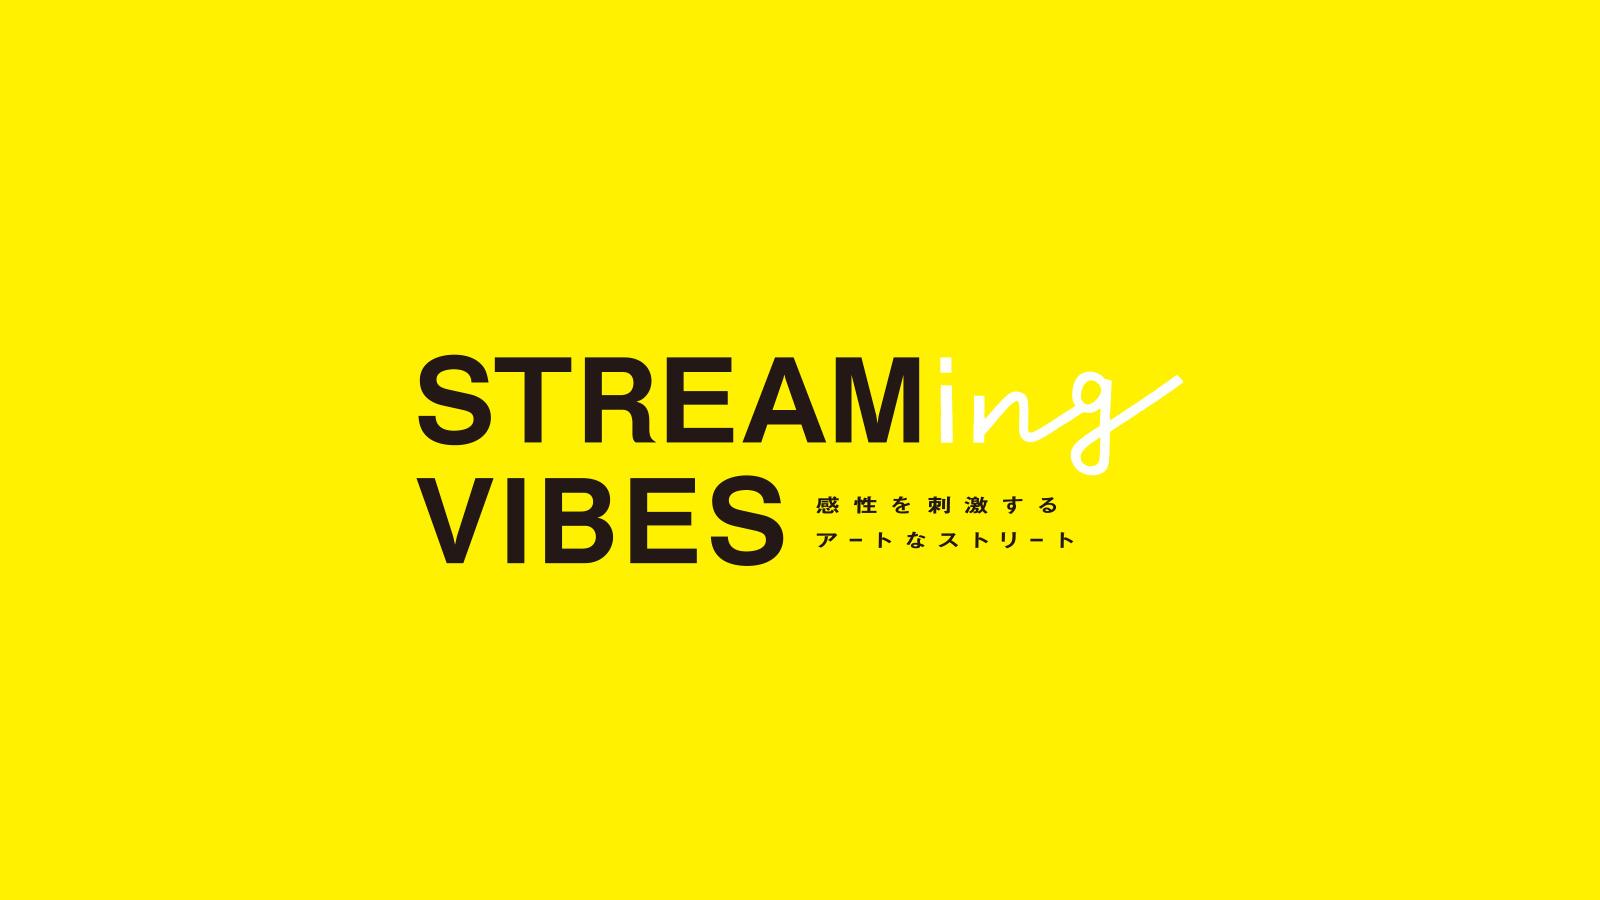 STREAMing VIBES ~感性を刺激するアートなストリート〜